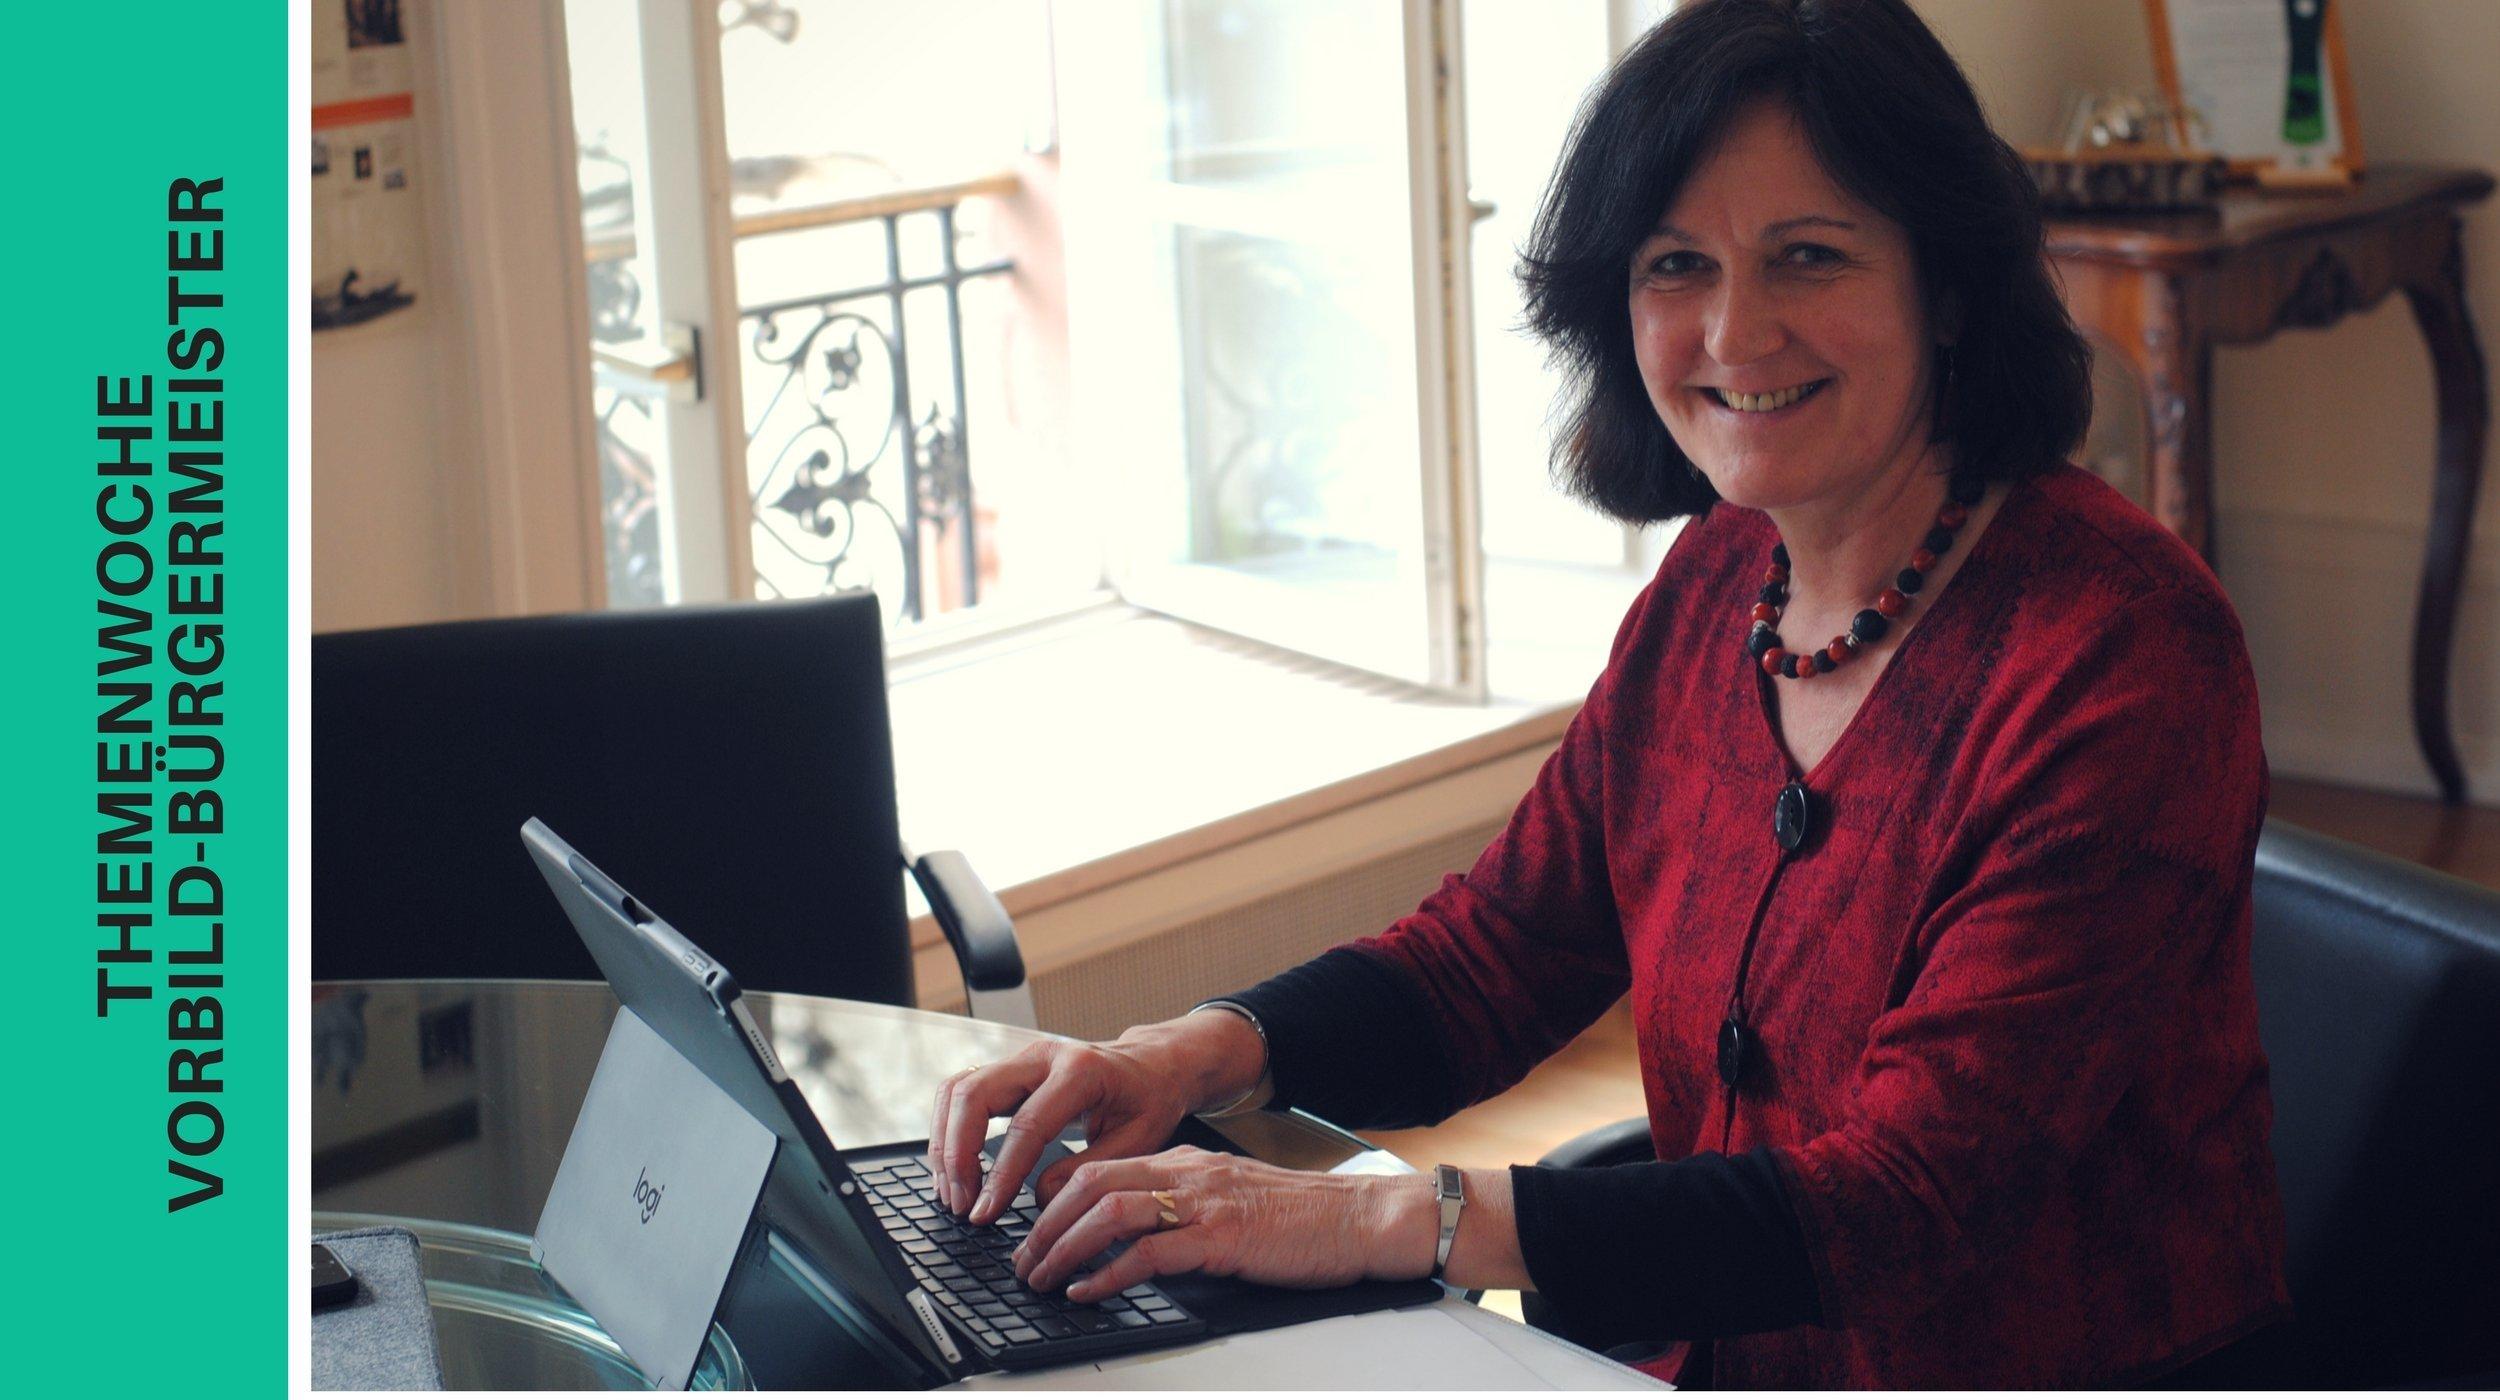 Wie Baden-Badens Oberbürgermeisterin es schafft, dass ihre Bürger mehr zu sagen haben – und so auch zufriedener